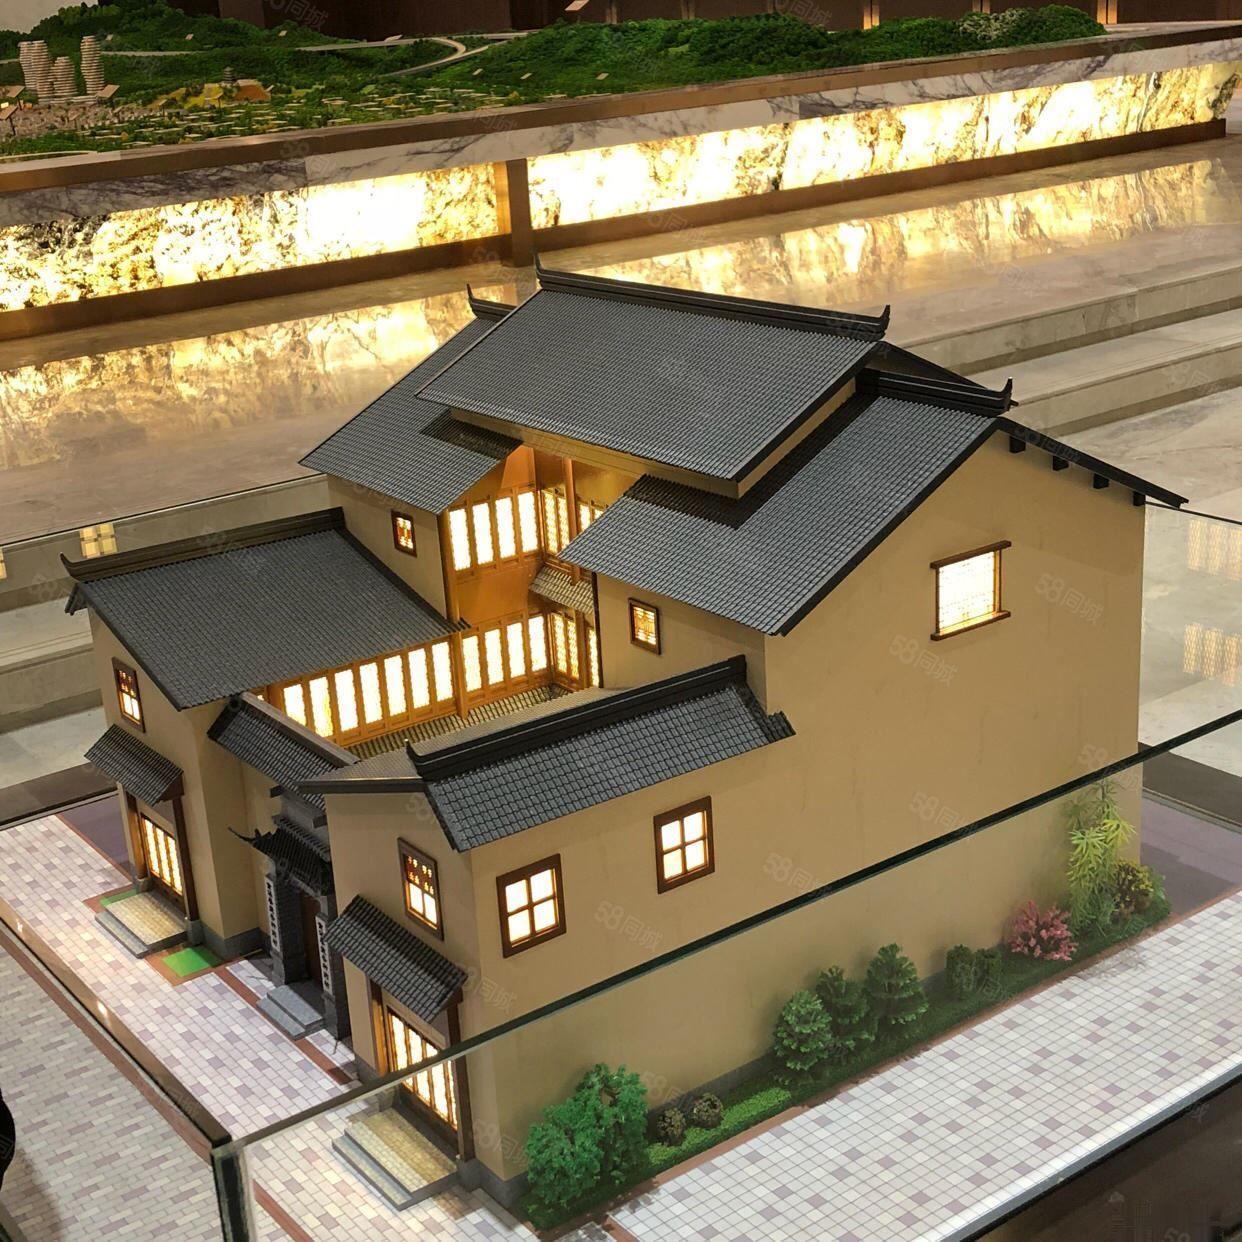 抚仙湖畔樱花谷旁四合院式客栈三层独栋带庭院花园